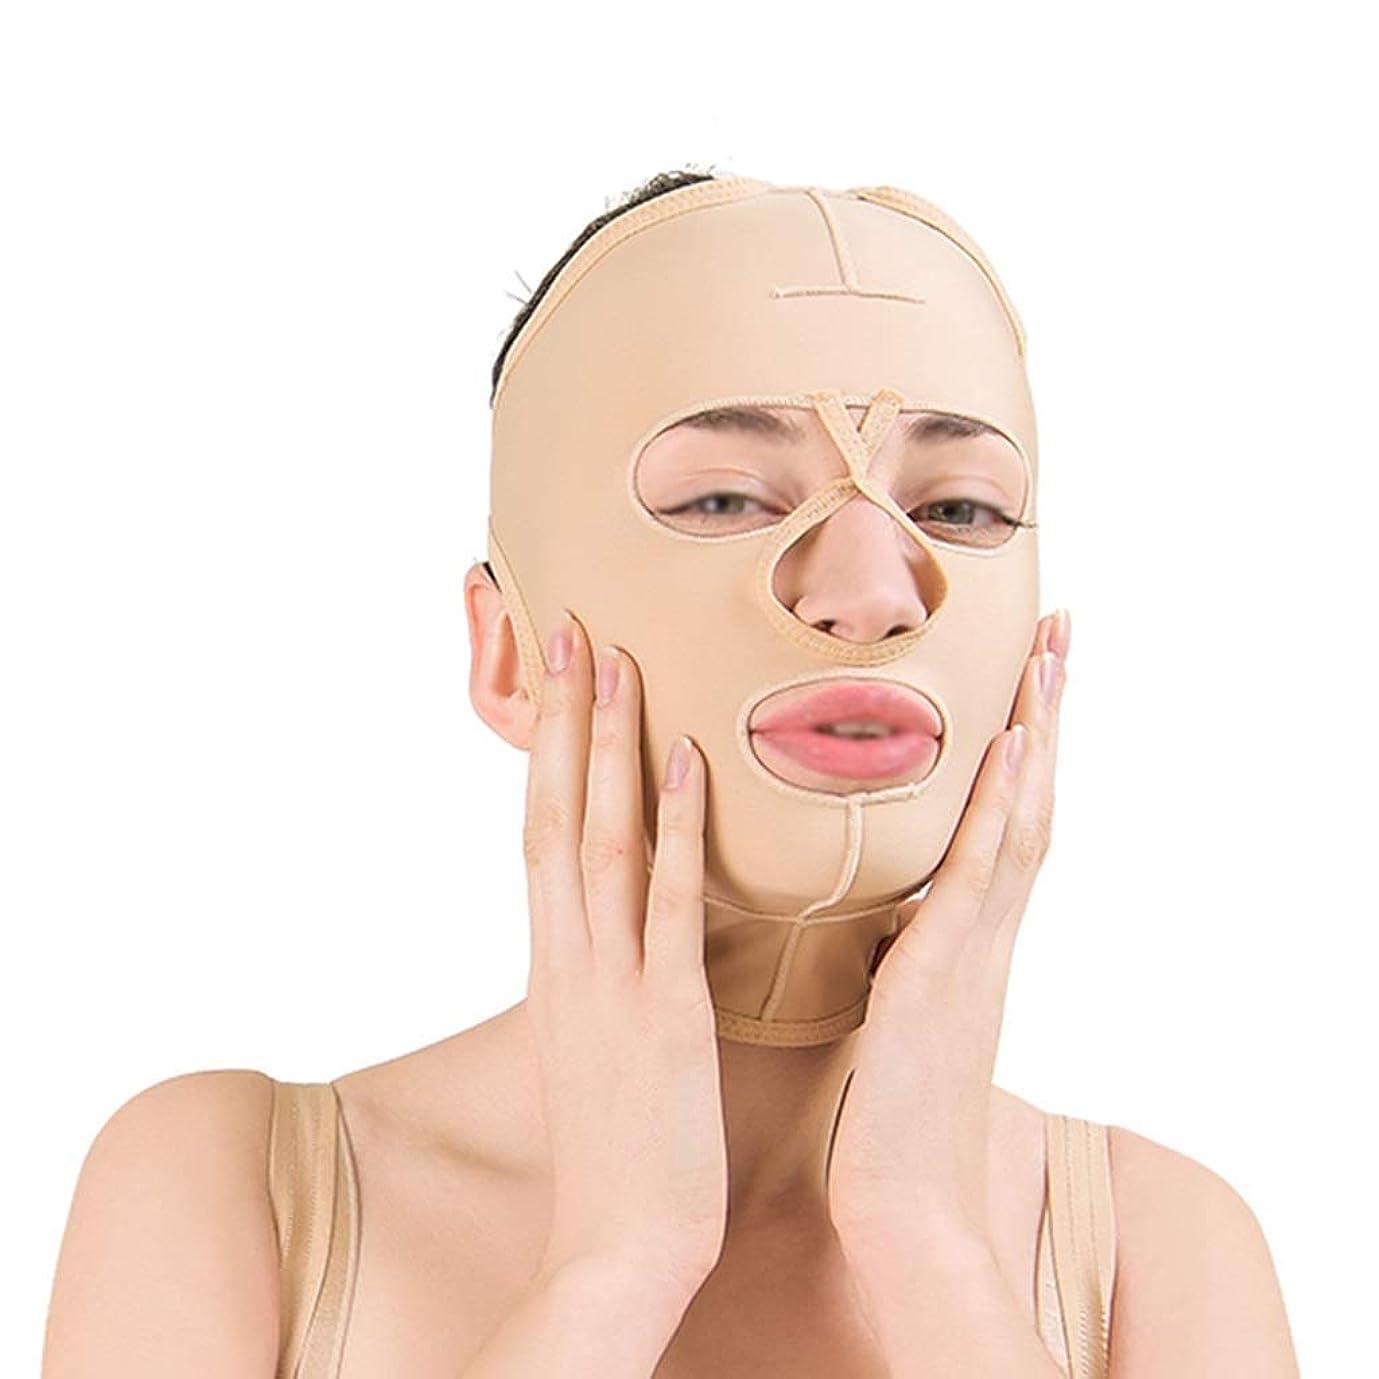 なぞらえる後継子フェイススリミングマスク、フェイスバンデージ付きフェイシャル減量マスク、通気性フェイスリフト、引き締め、フェイスリフティング(サイズ:L),S